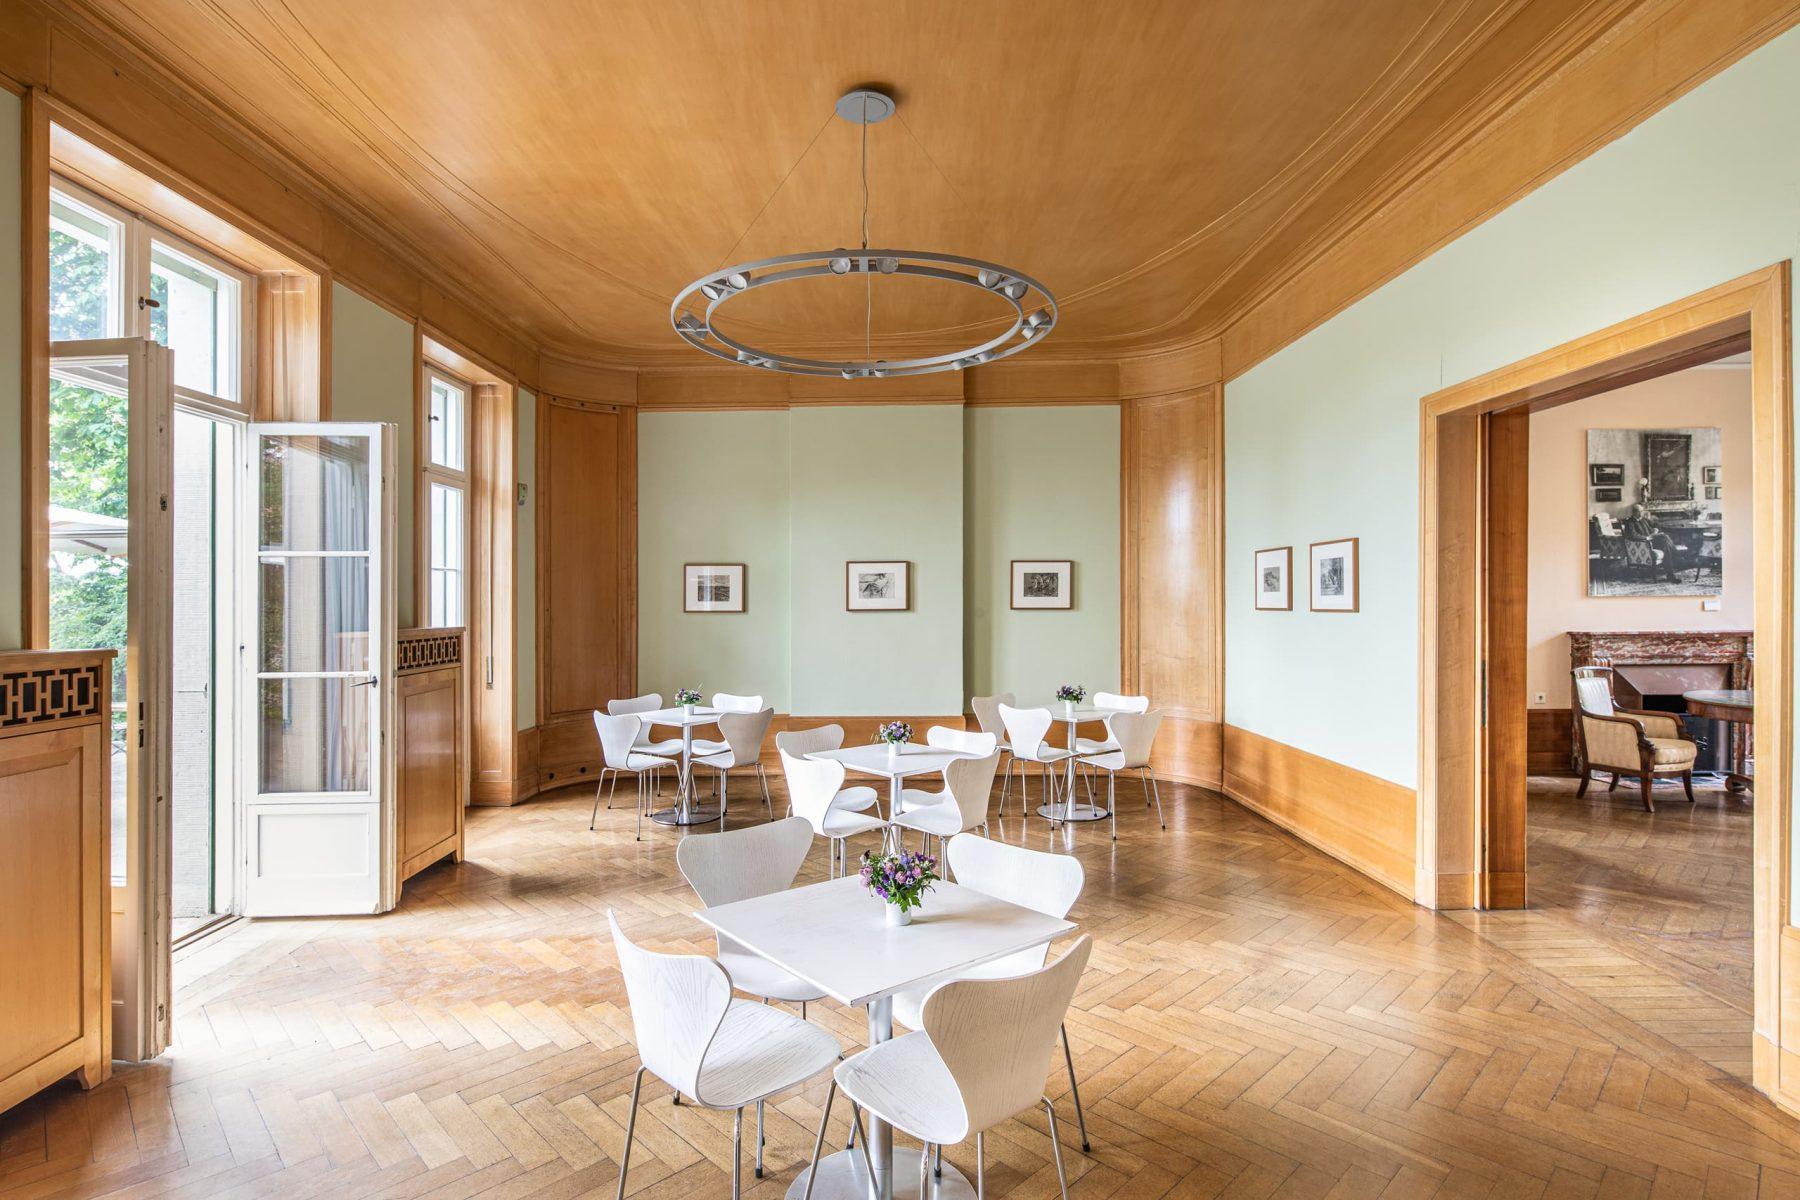 Großer Saal mit vier weißen Tischen, Stühlen und auf Holzboden. Links geöffnet Doppelfenstertüren, rechts geöffnete Schiebetüren mit Blick auf den Eingangsbereich des Museums.